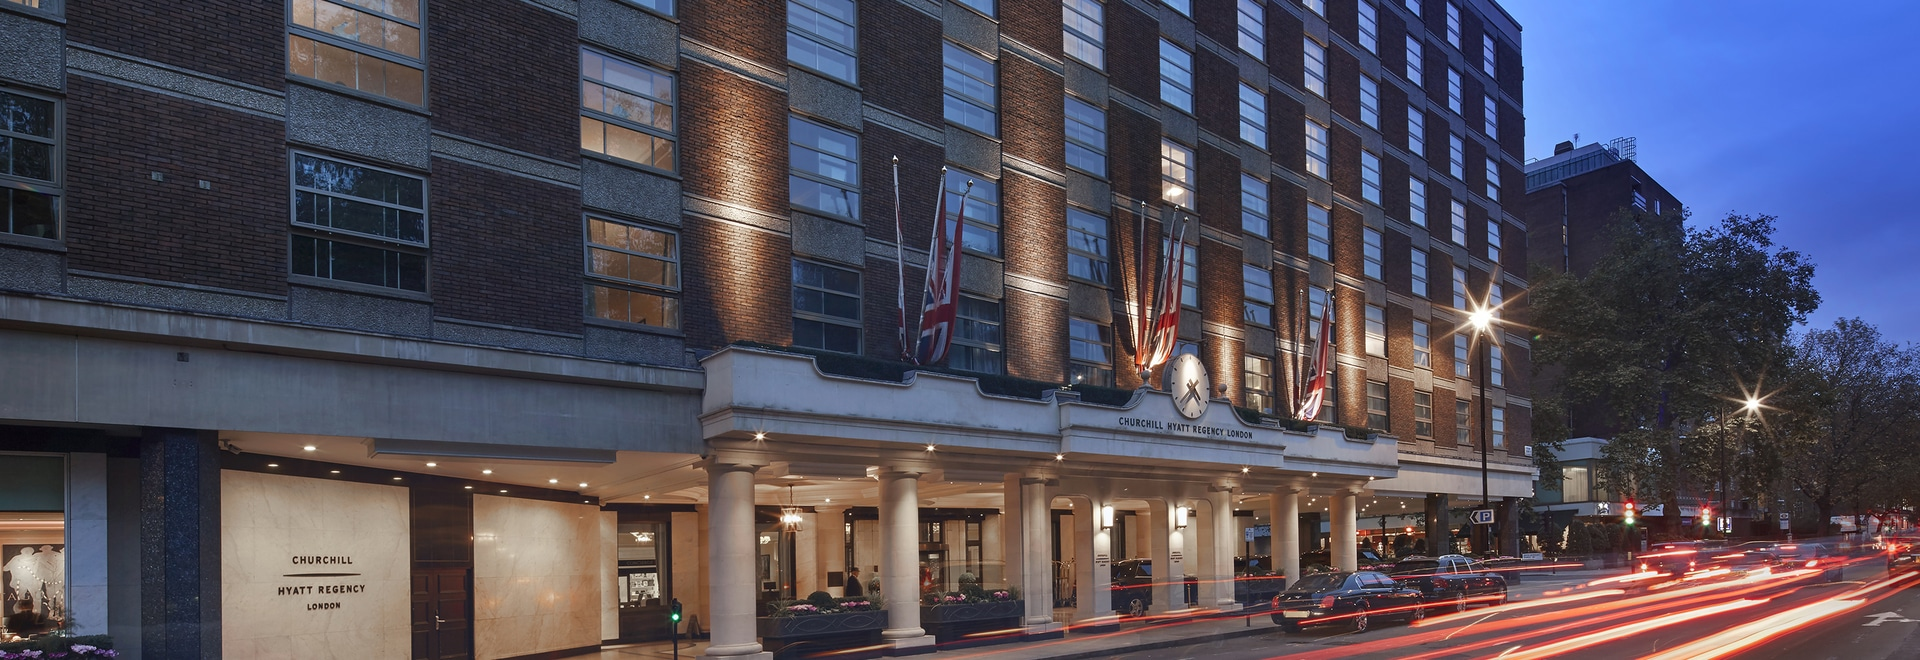 http://www.lemamobili.com/en/Hyatt+Regency+The+Churchill+Hotel